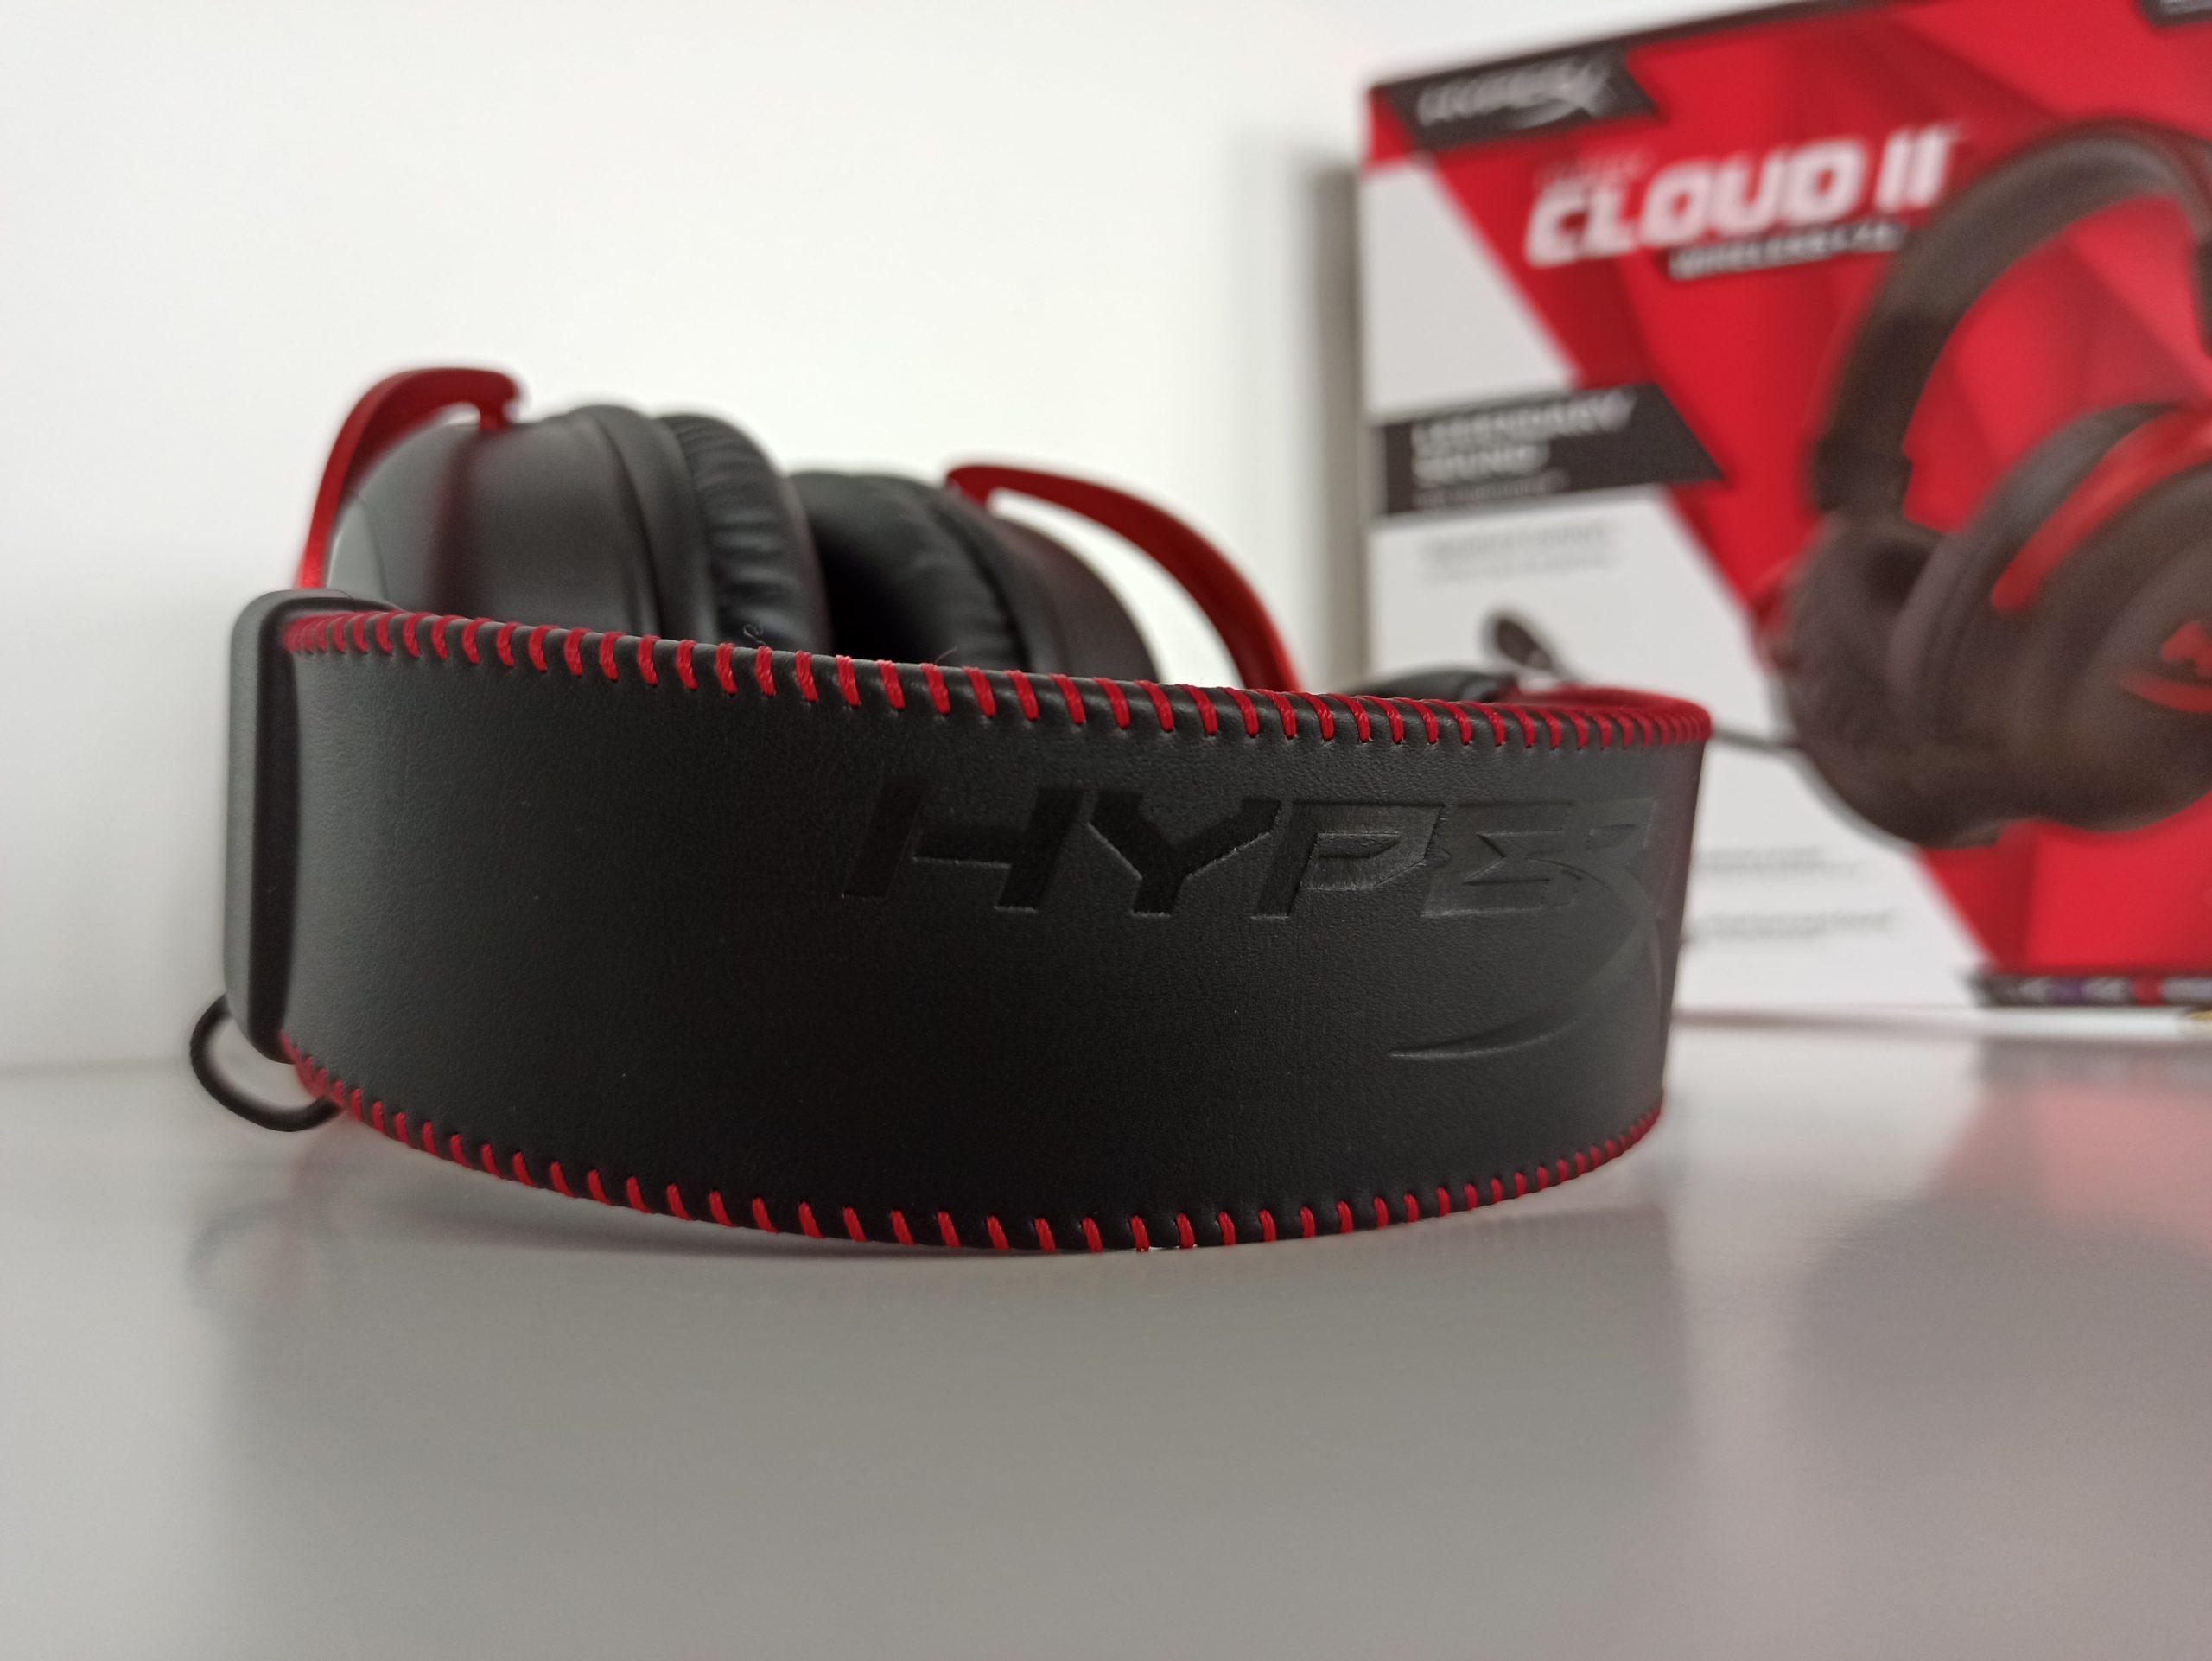 HyperX Cloud II Wireless palak